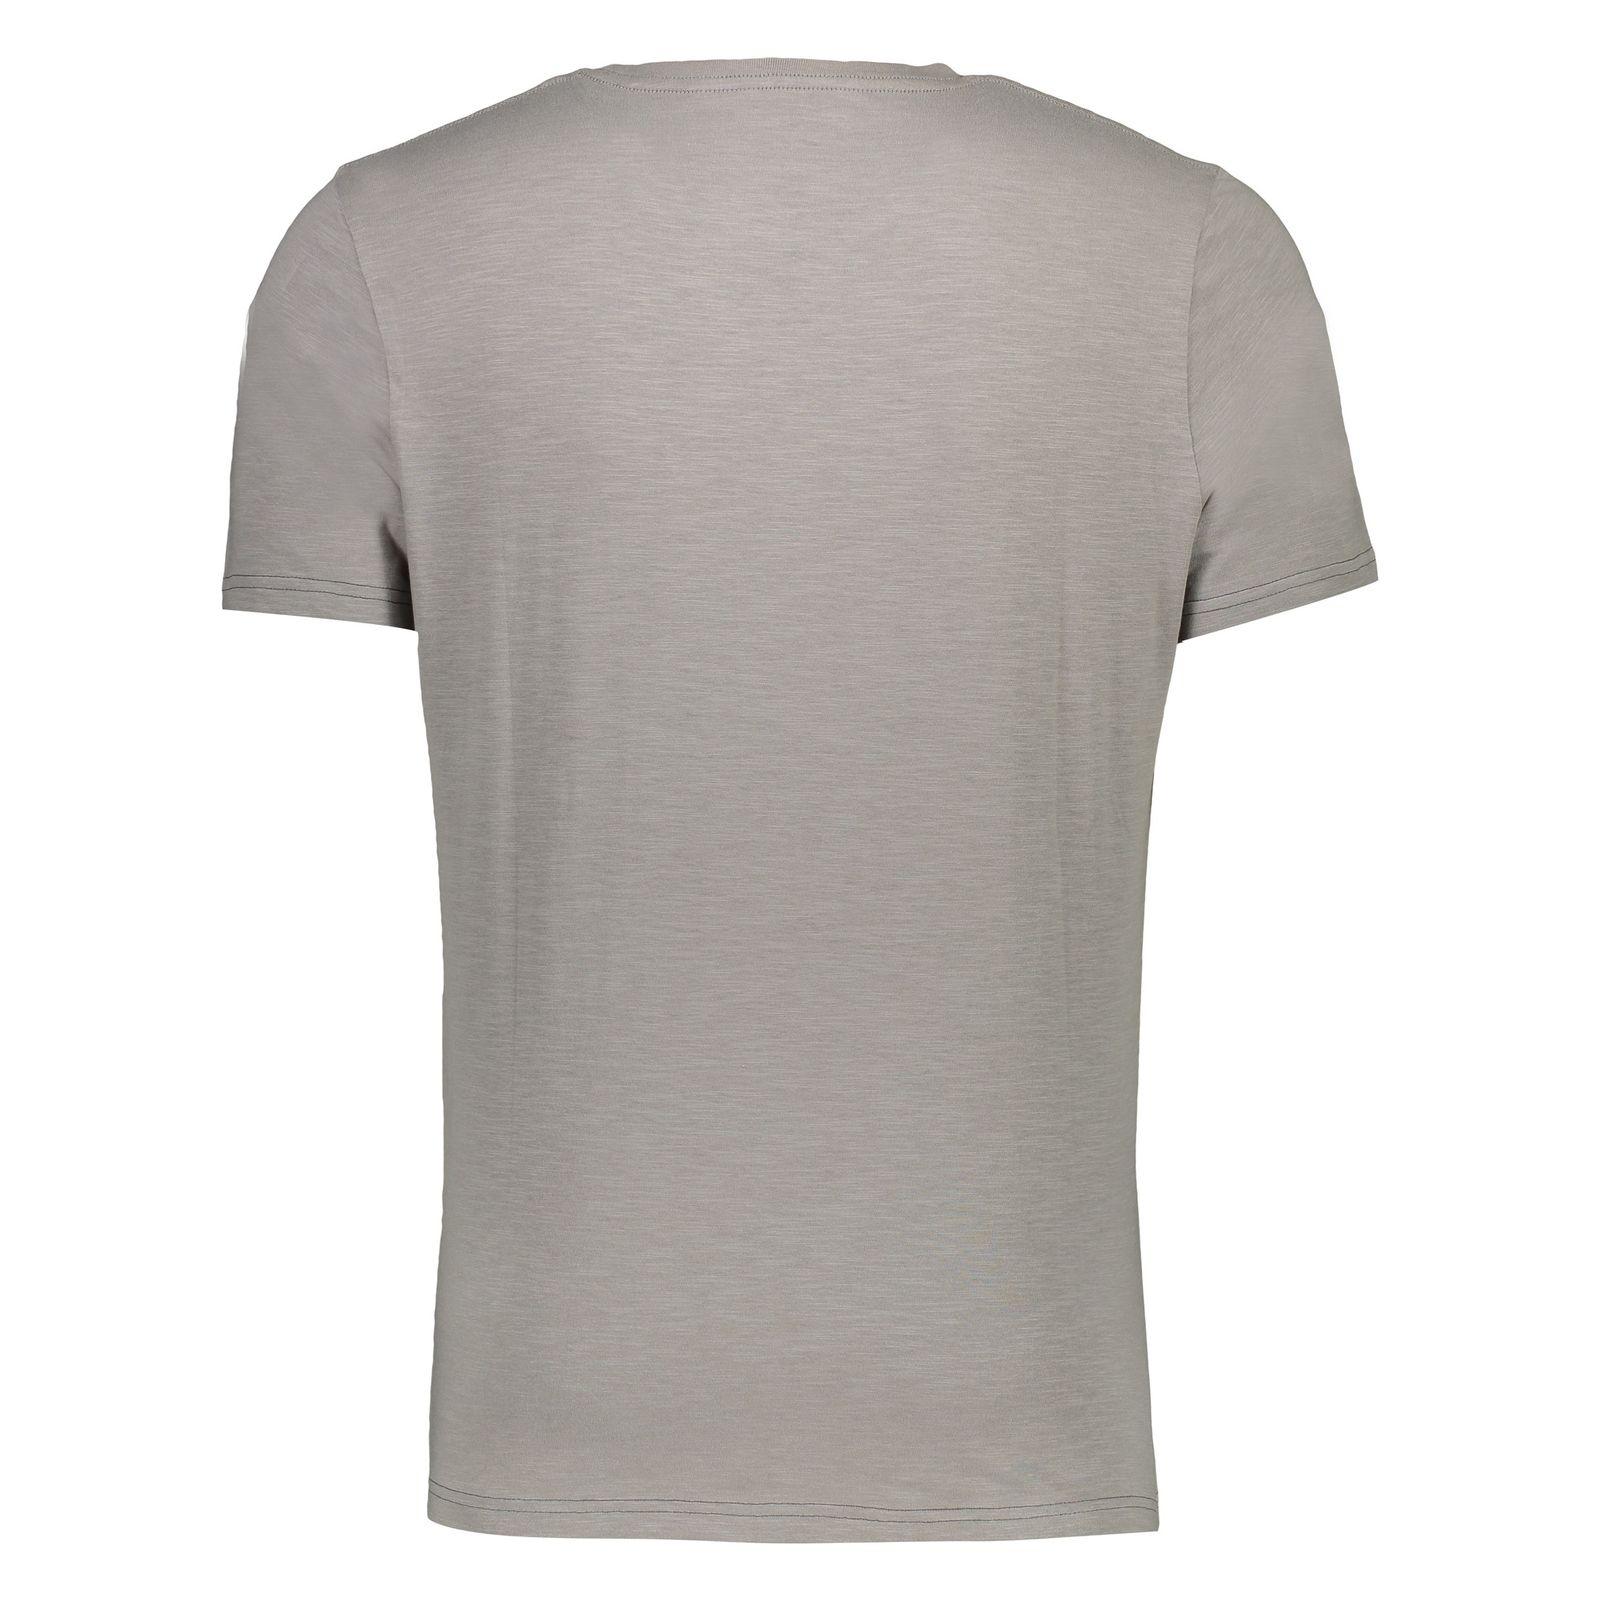 تی شرت مردانه یوپیم مدل 5126736 -  - 2